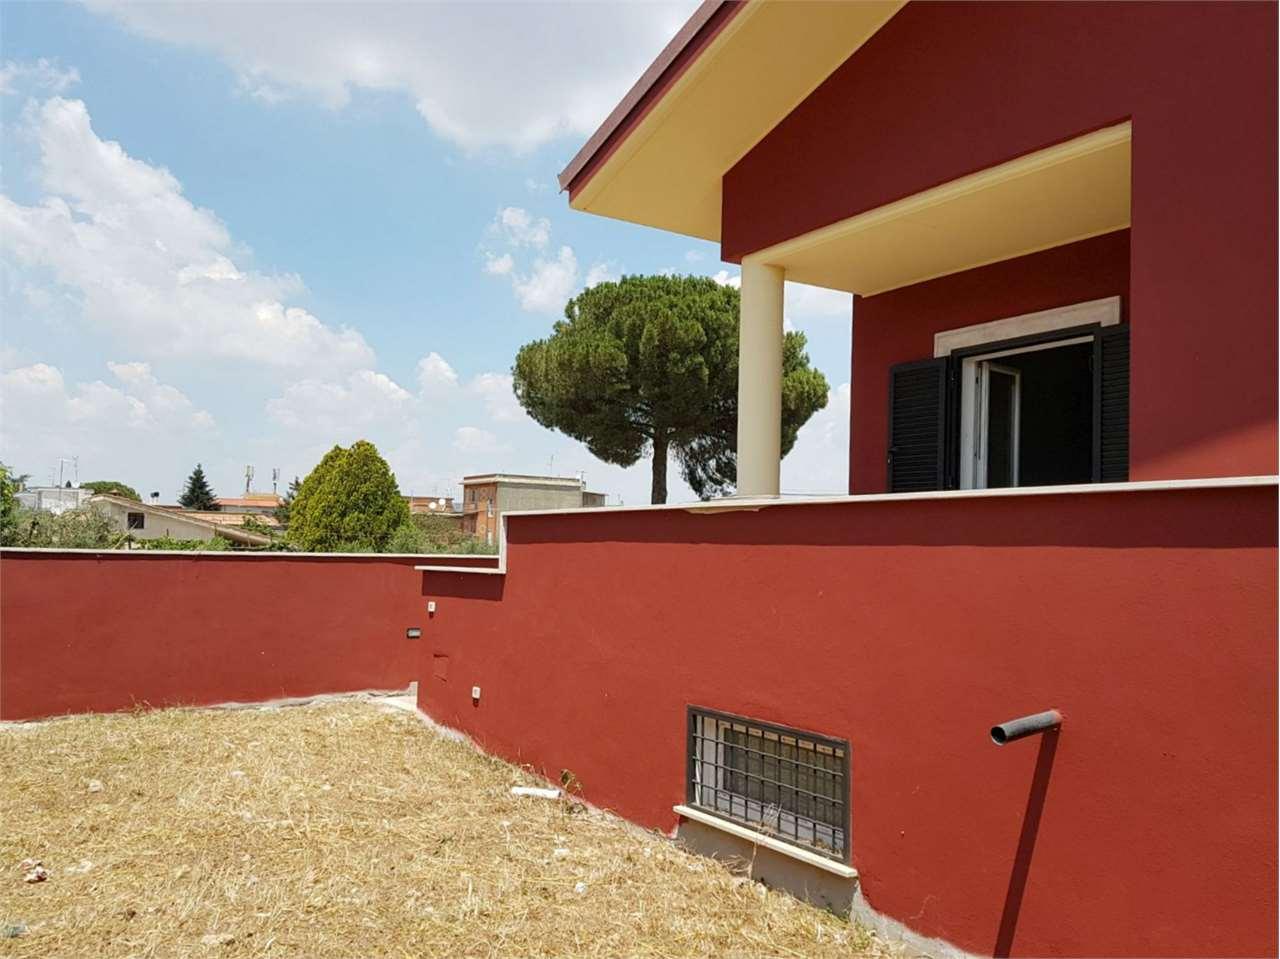 Villa Bifamiliare in vendita a Roma, 8 locali, zona Località: Casilina/ Prenestina/ Centocelle/ Alessandrino, prezzo € 159.000 | CambioCasa.it